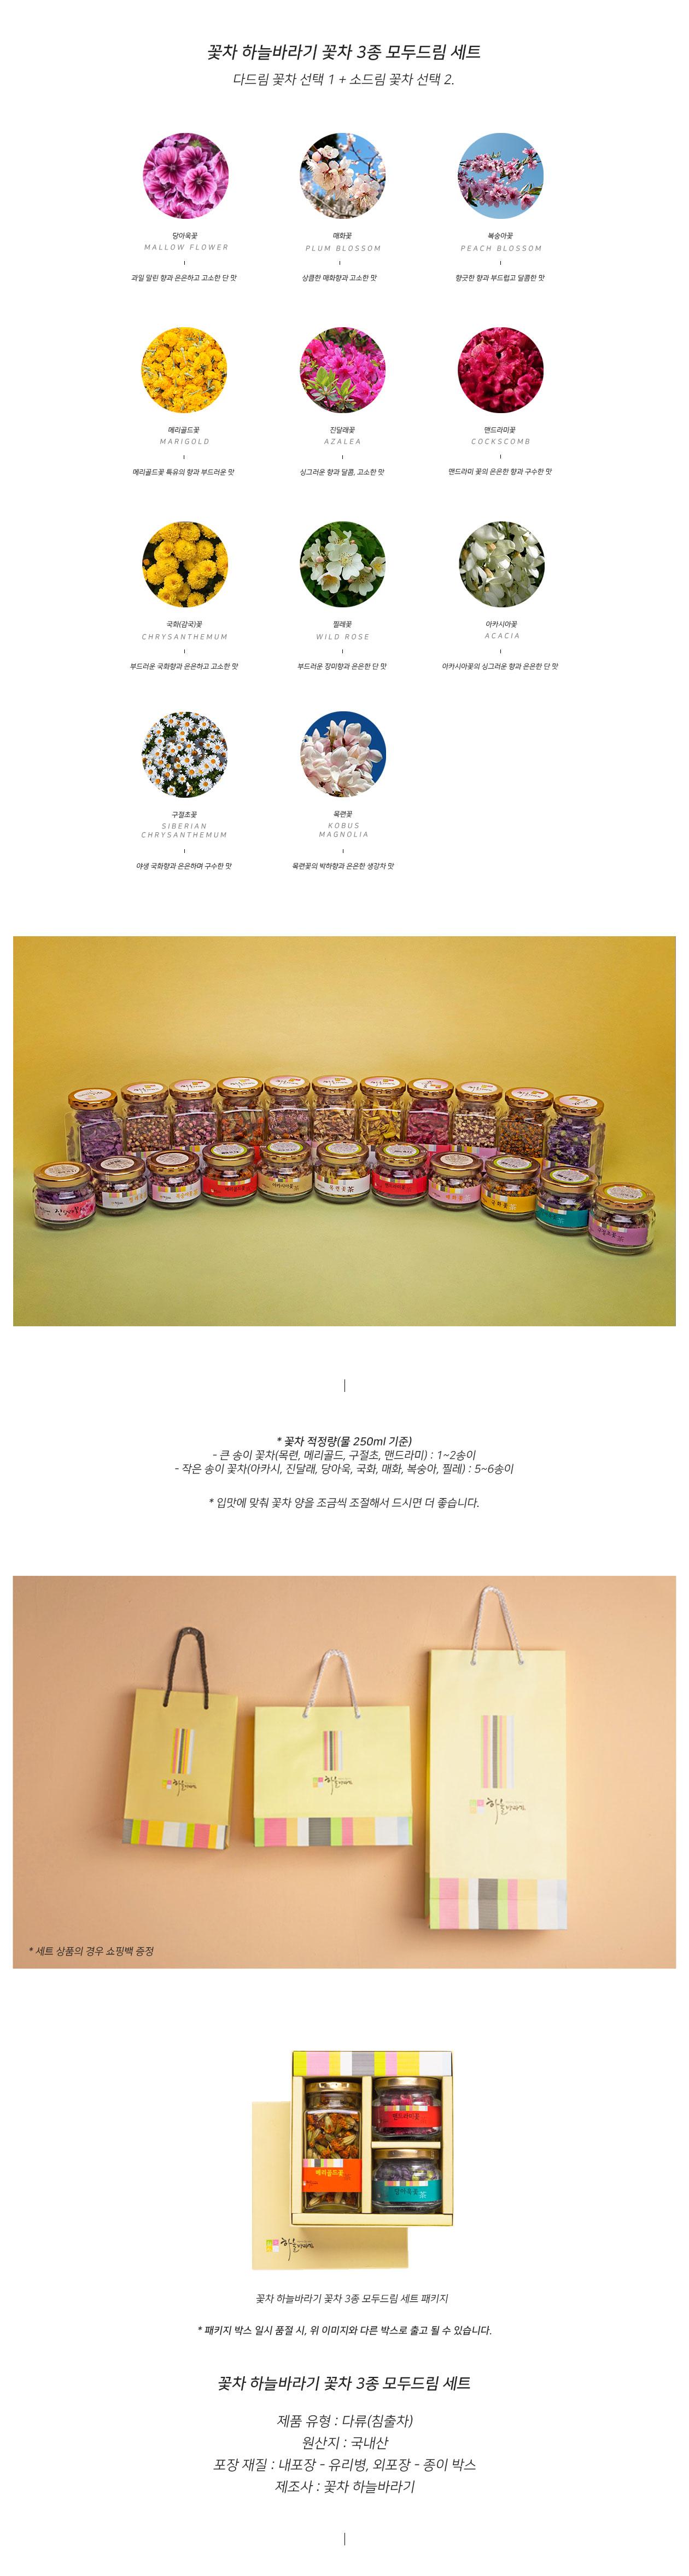 꽃차 3종 모두드림세트(선택형) - 꽃차 하늘바라기, 62,000원, 차, 국화/민들레/꽃잎차